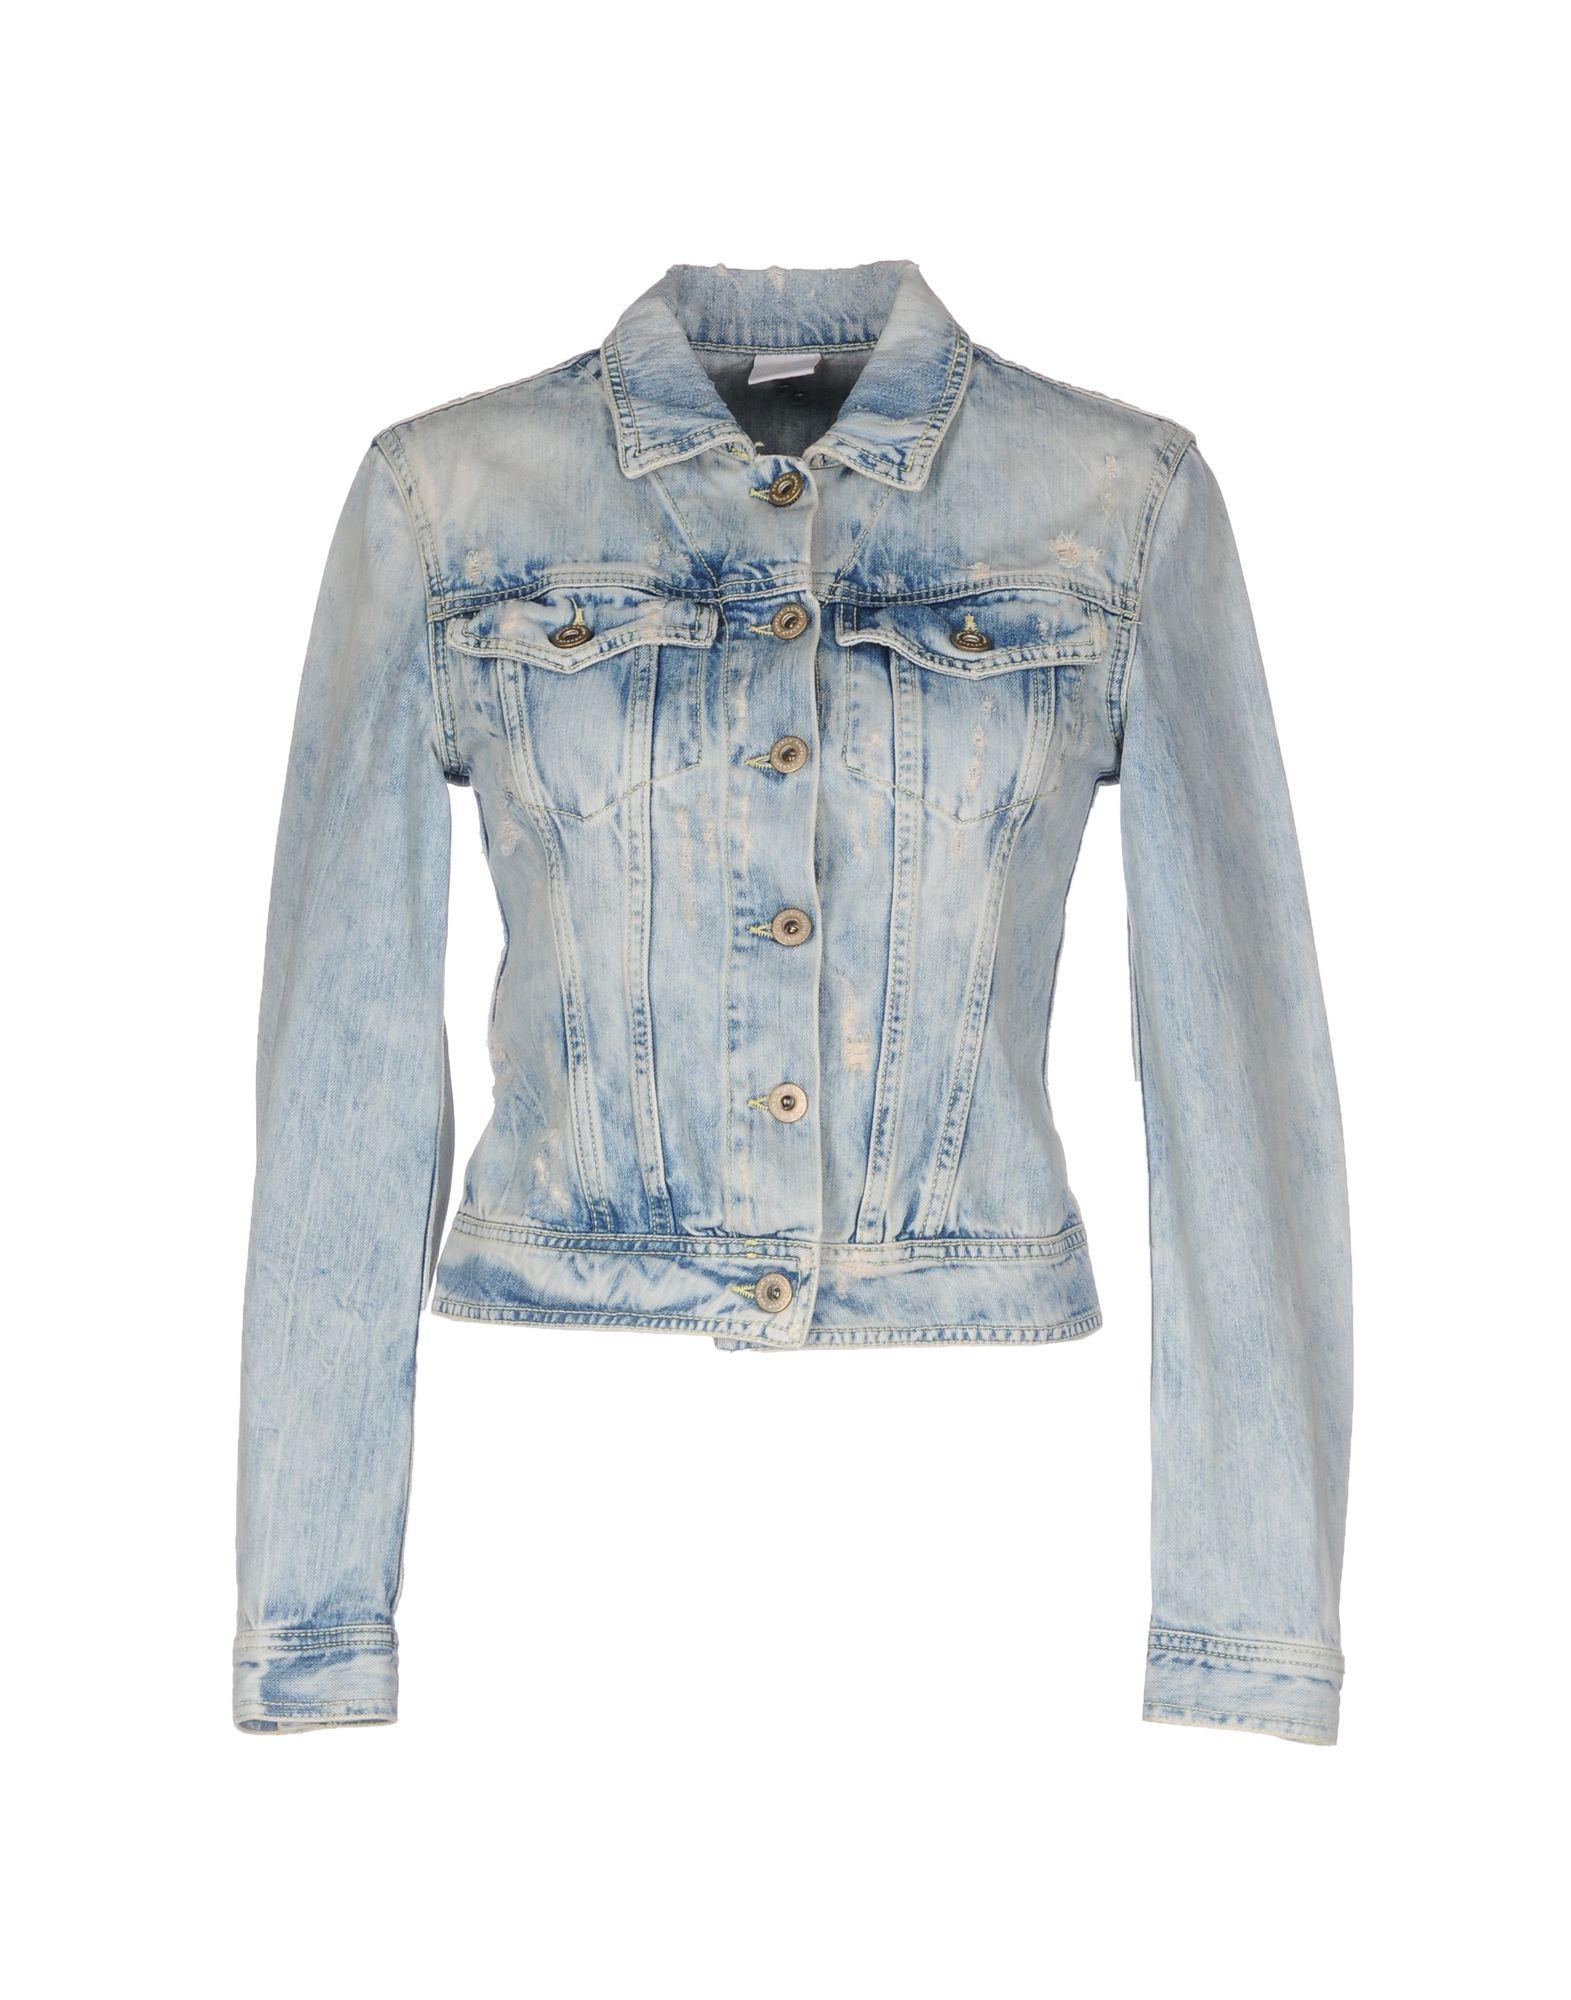 DONDUP Джинсовая рубашка рубашка джинсовая 3 12 лет